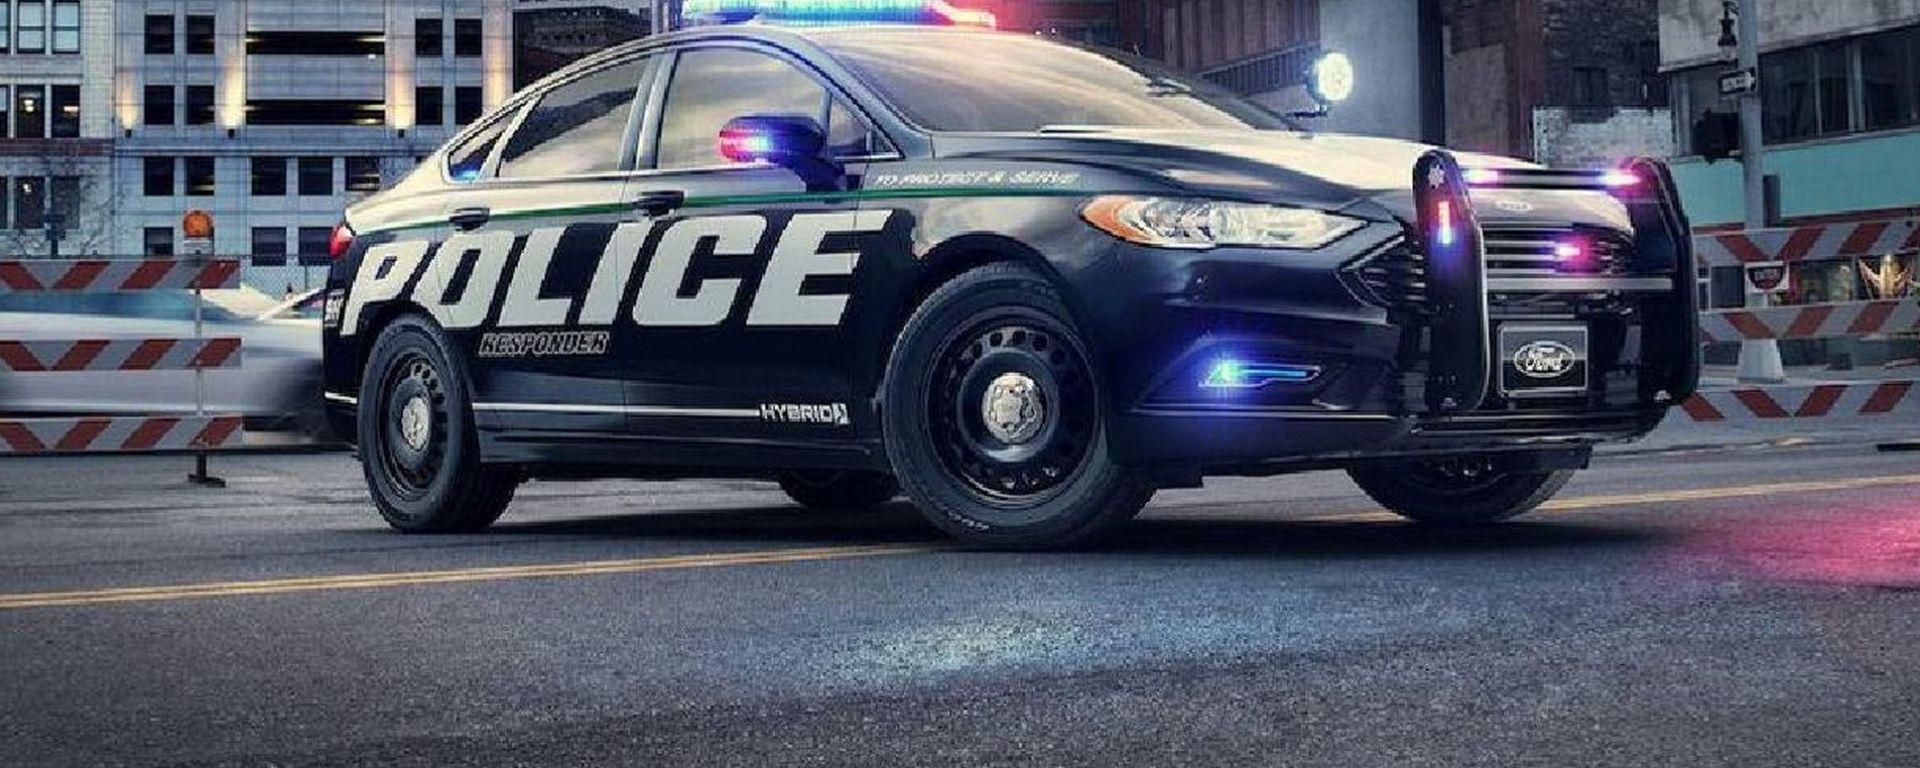 Ford, in arrivo la volante della polizia